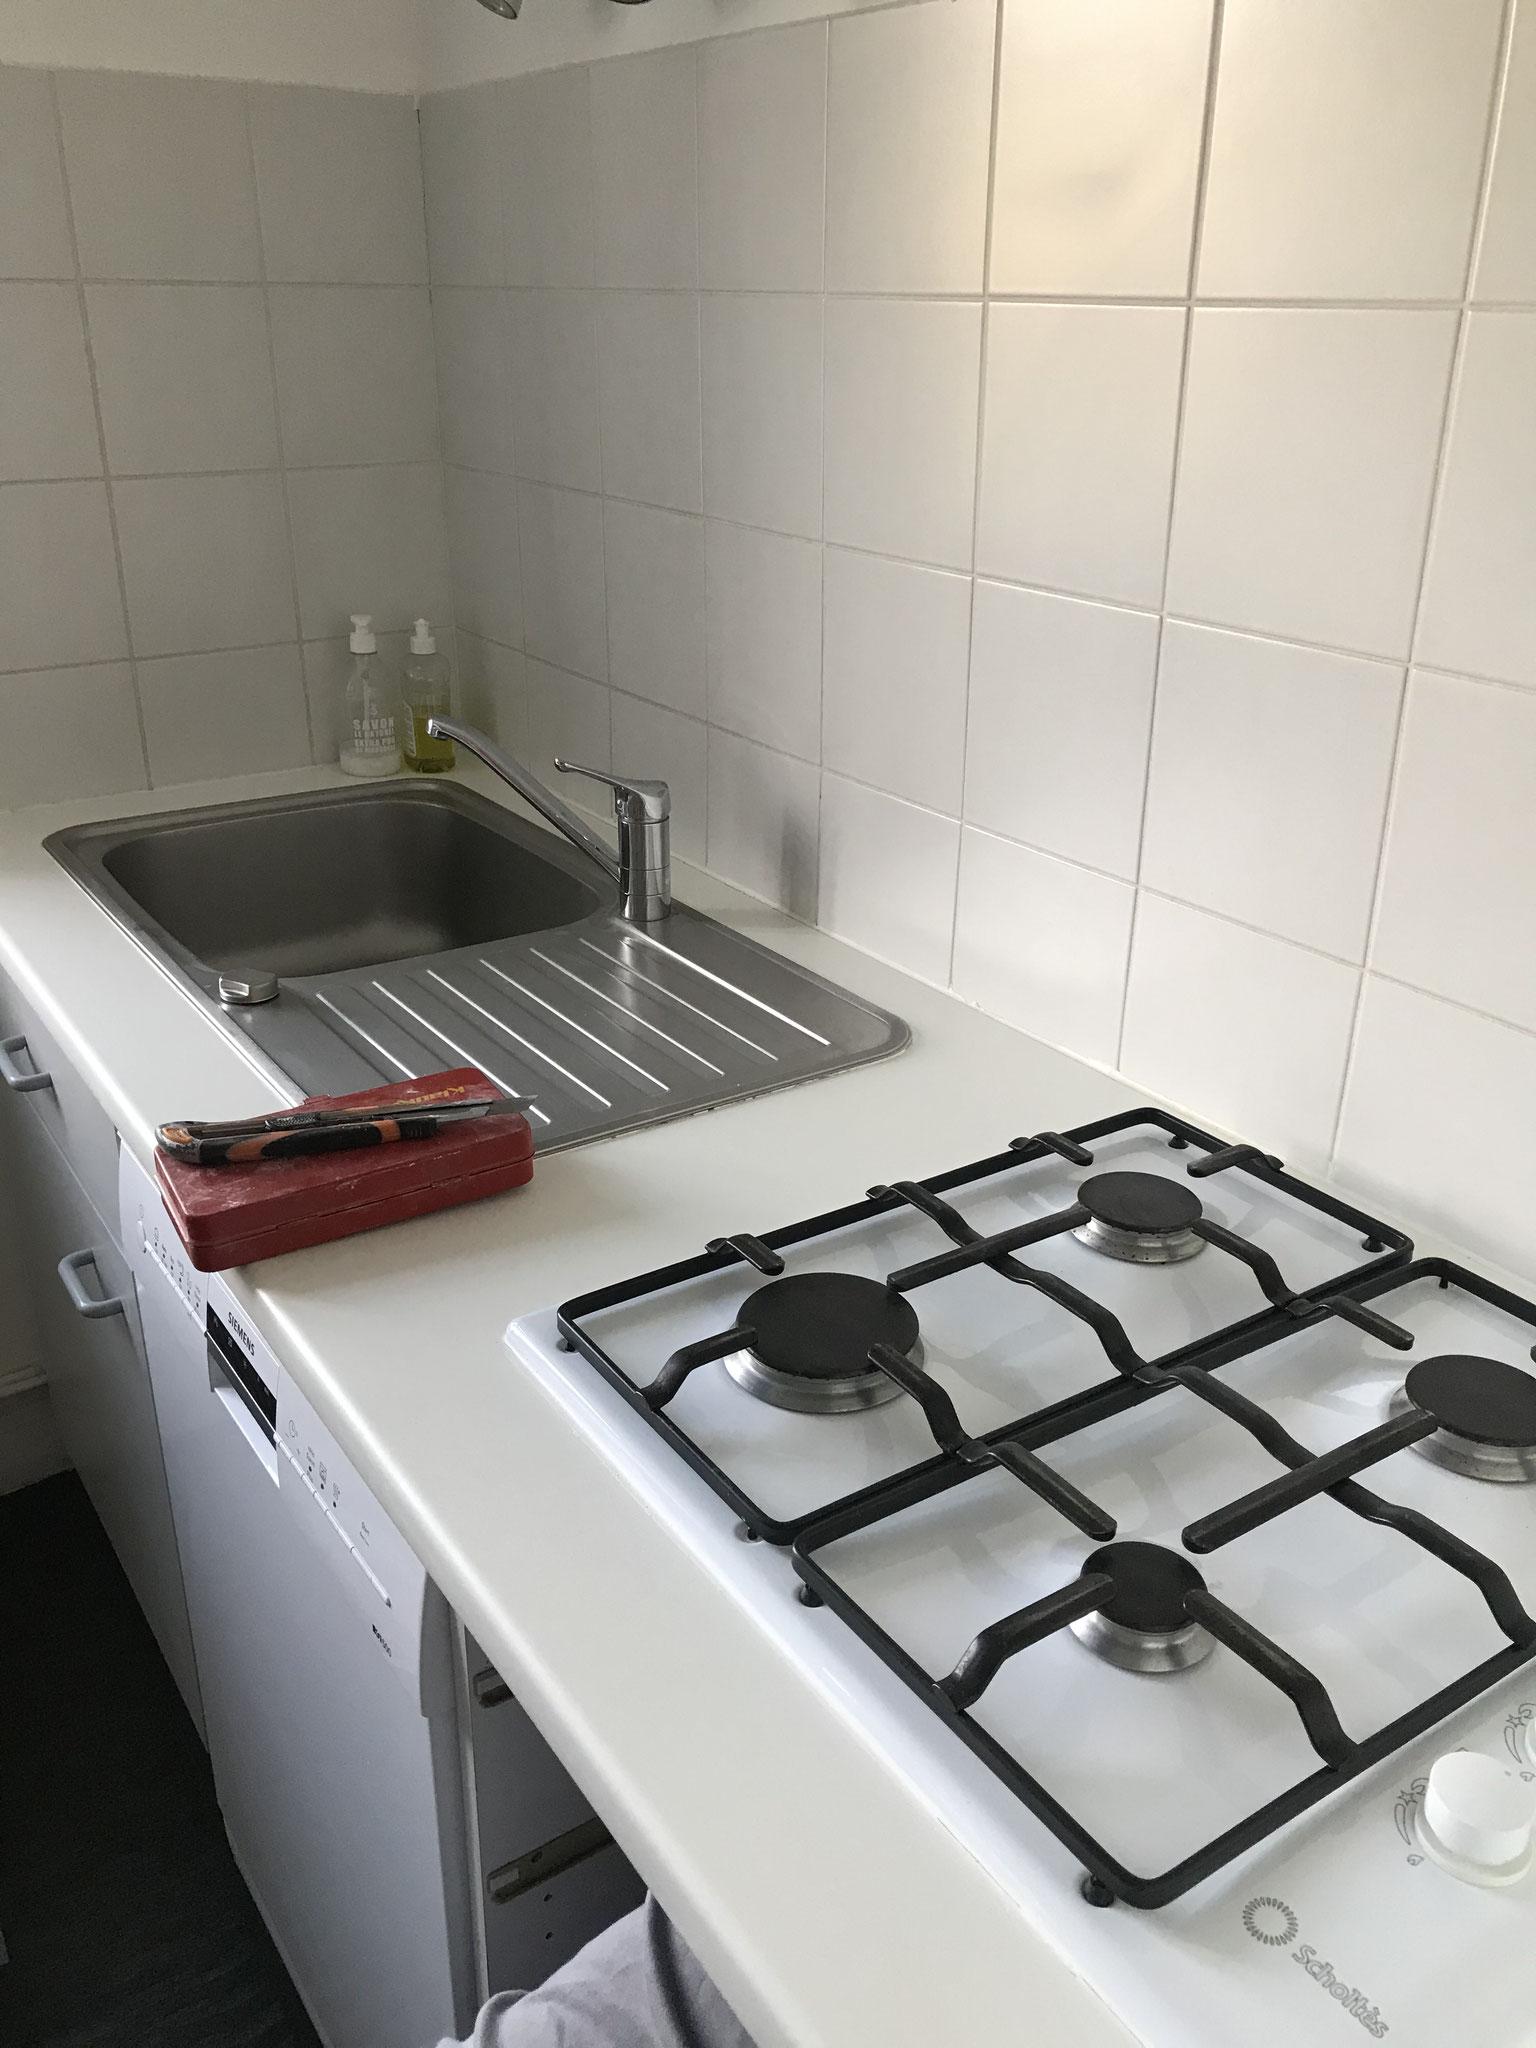 la plaques de cuisson au gaz